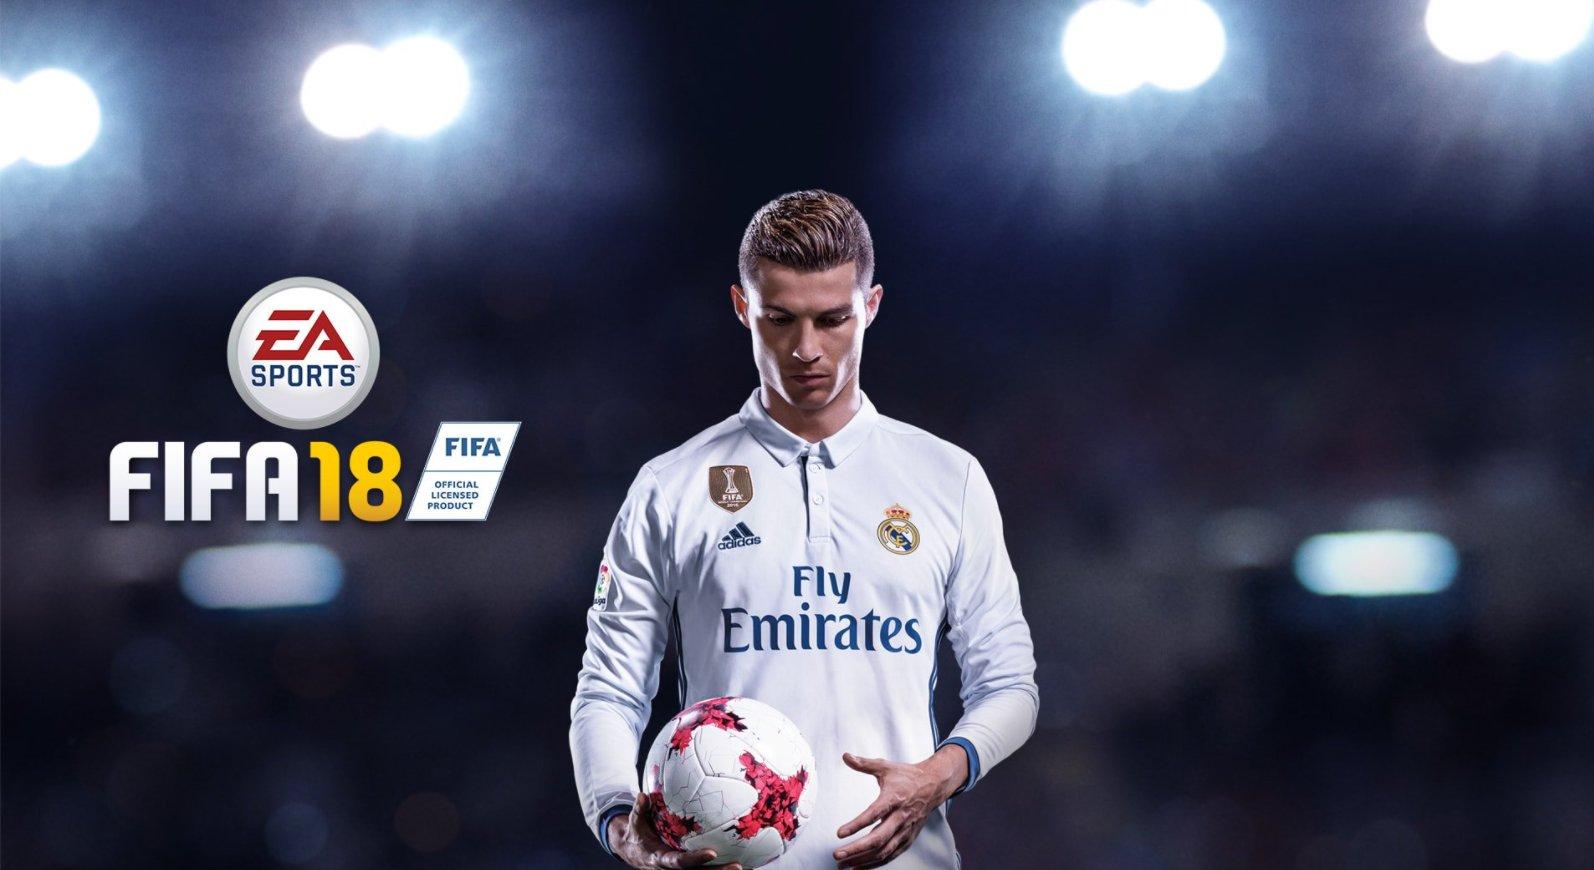 Tutte le novità di Fifa 18! Stasera la presentazione ufficiale